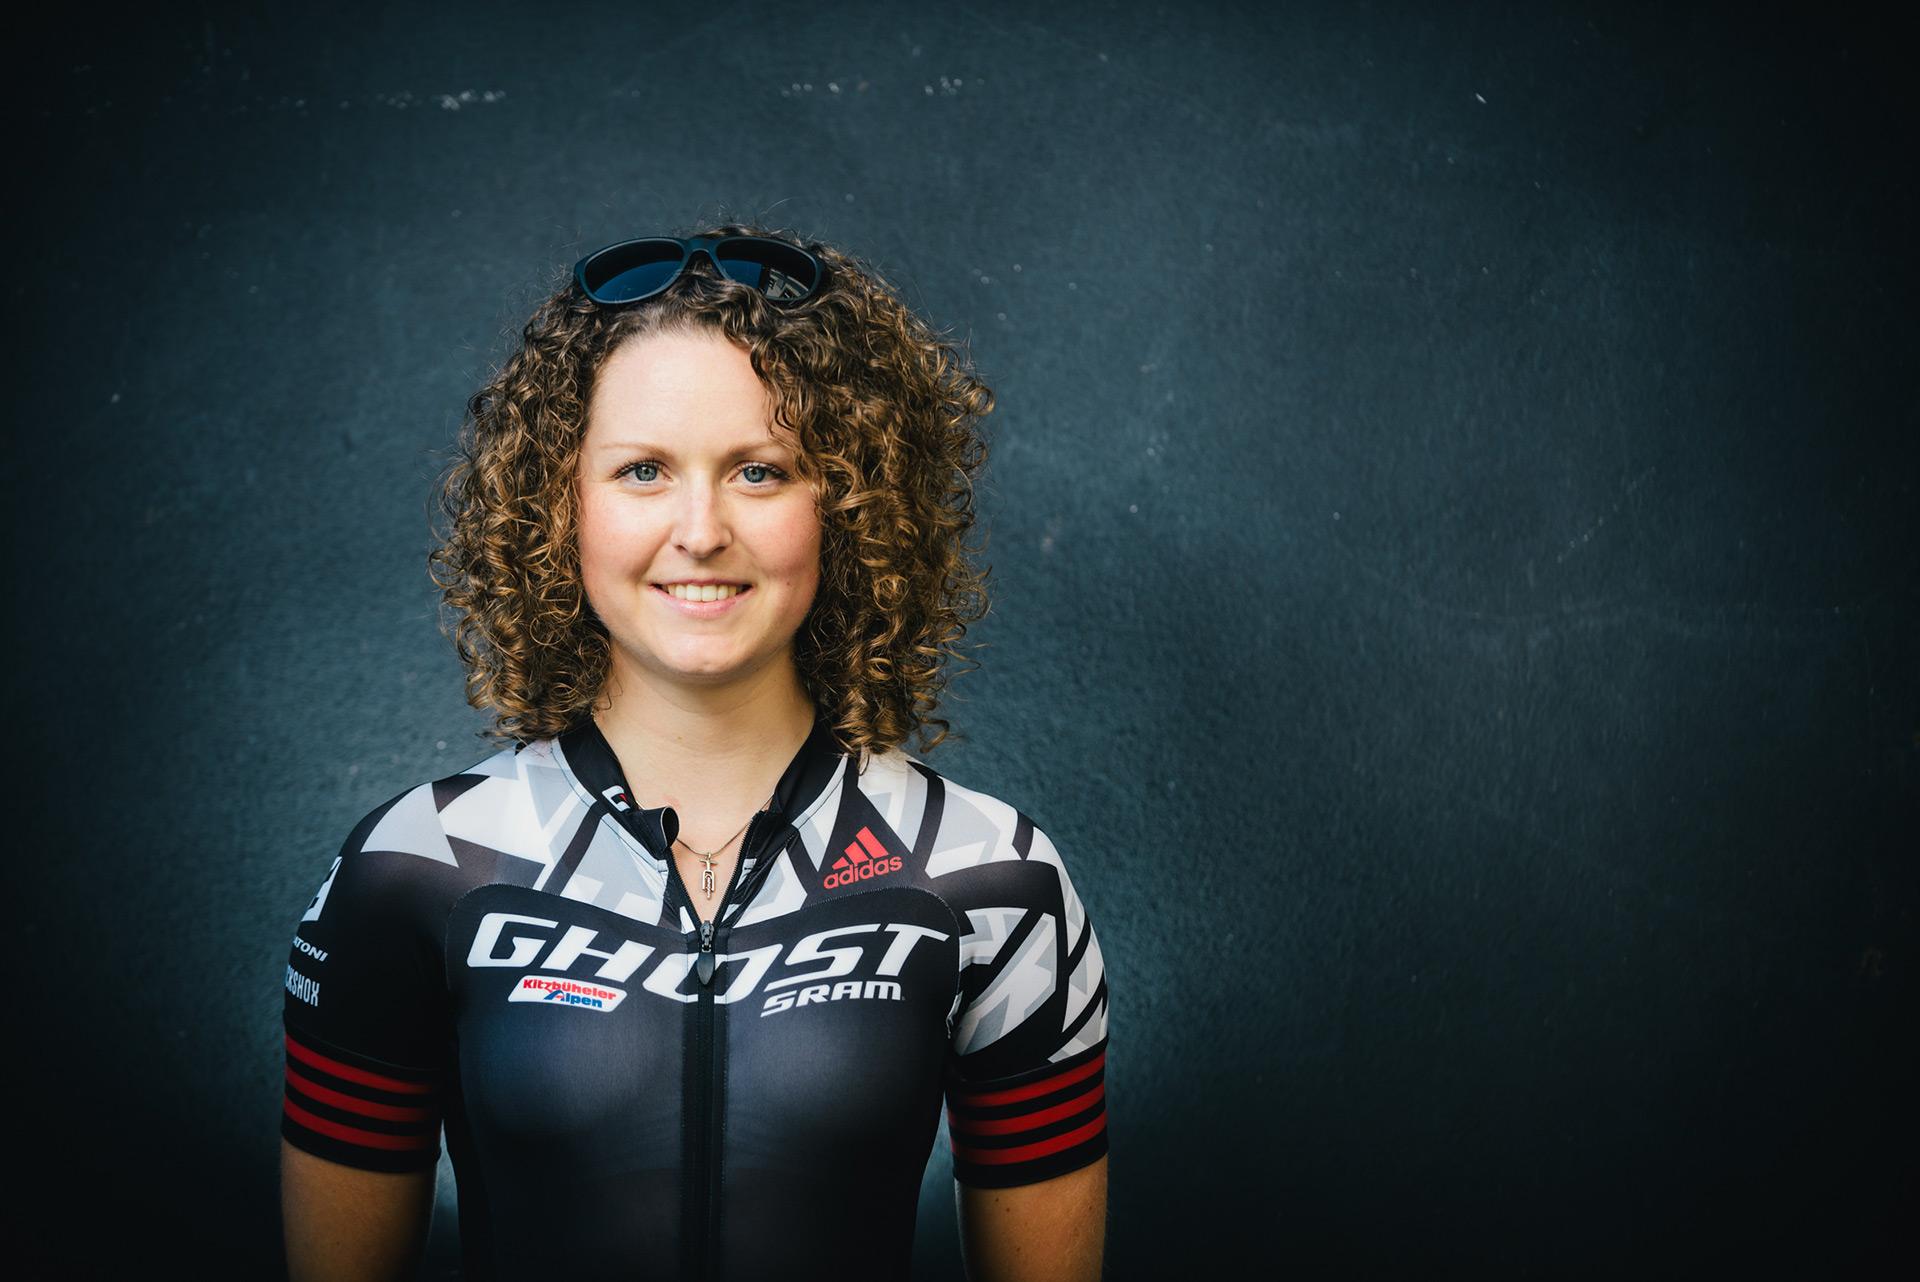 Anne Terpstra naar Ghost Factory Racing Team